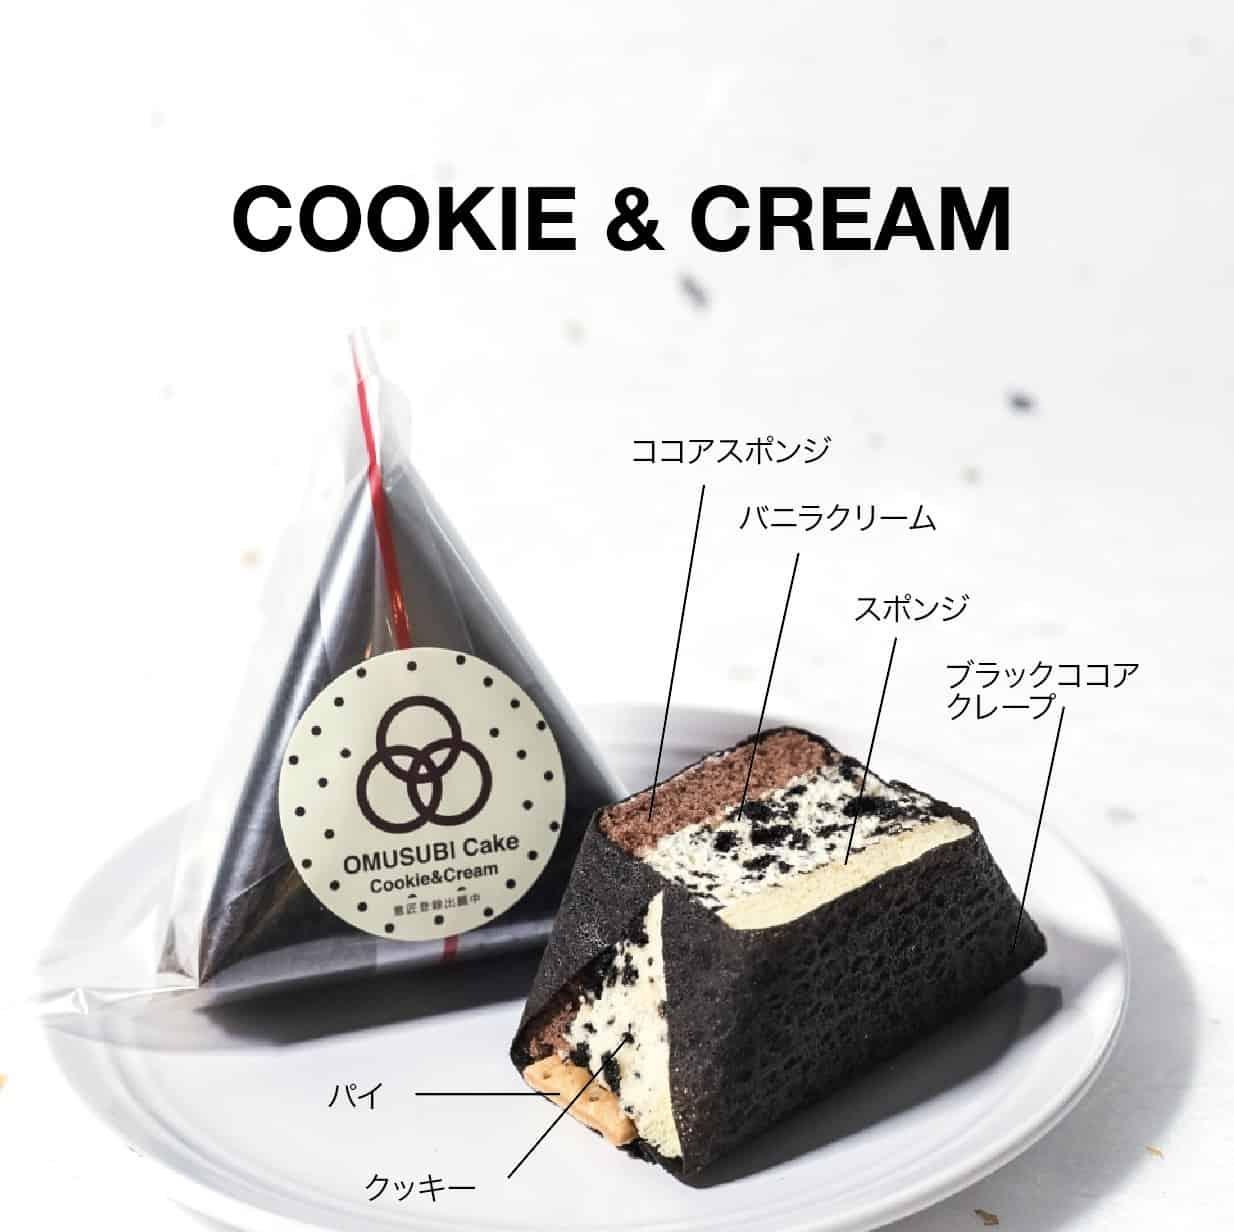 OMUSUBI Cake